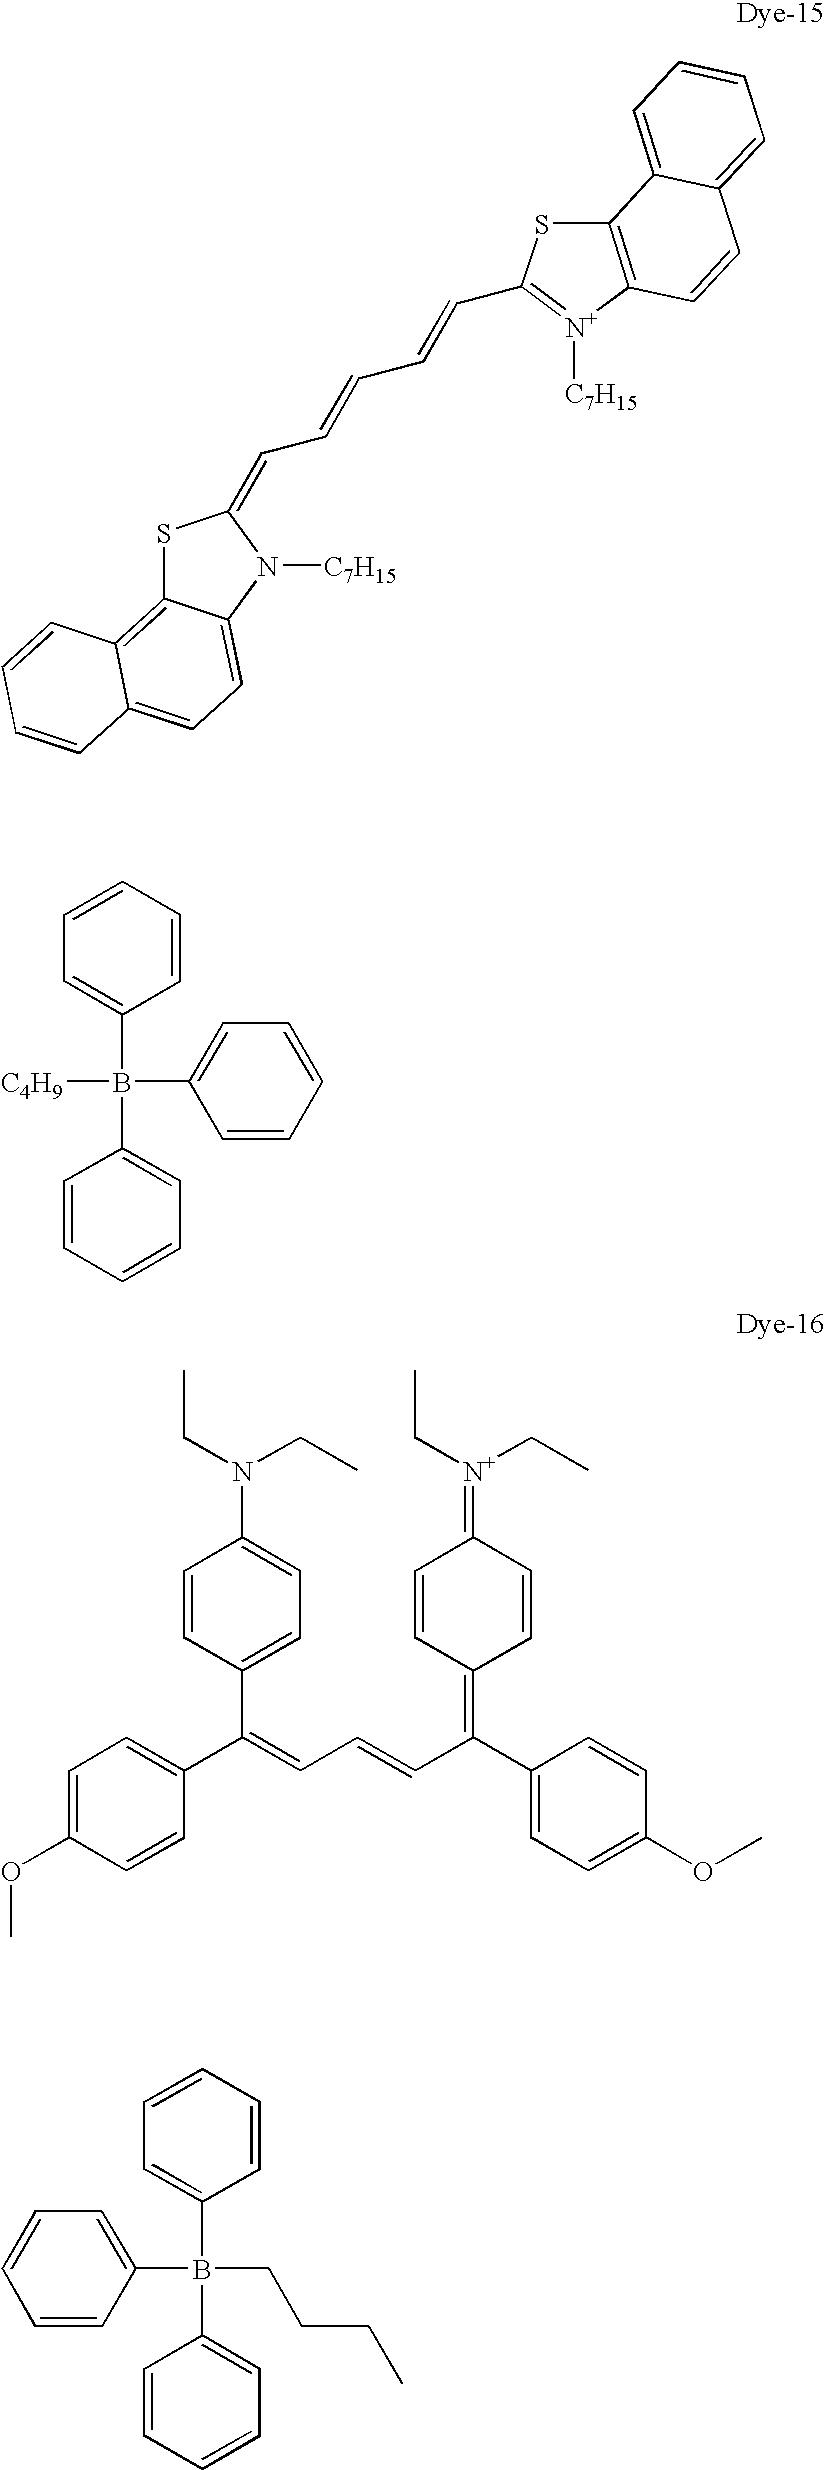 Figure US20050084790A1-20050421-C00008